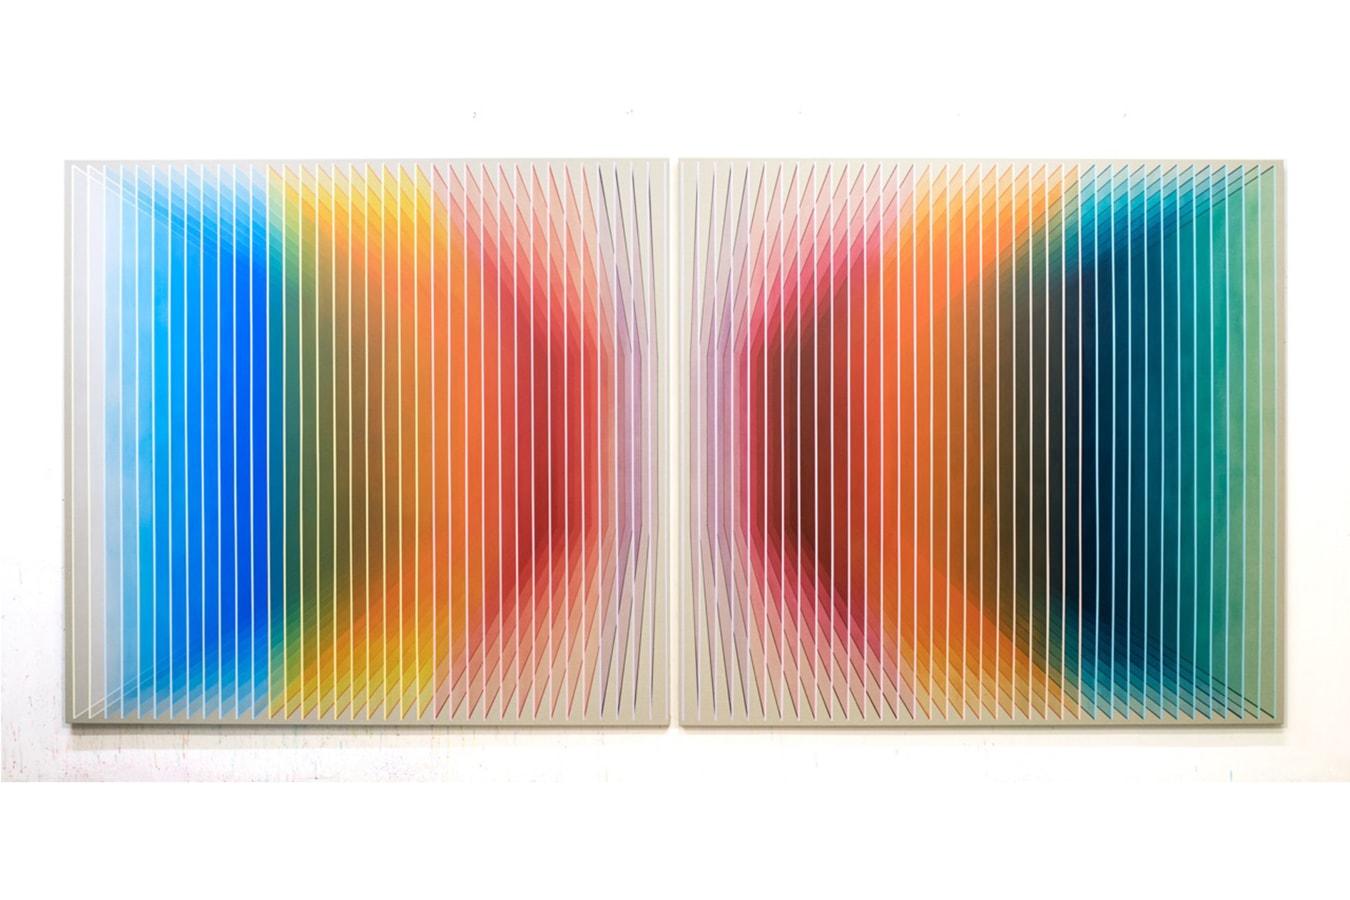 Art Rotterdam 2020, Arno Beck, Cathrin Hoffmann, Daniel Mullen,